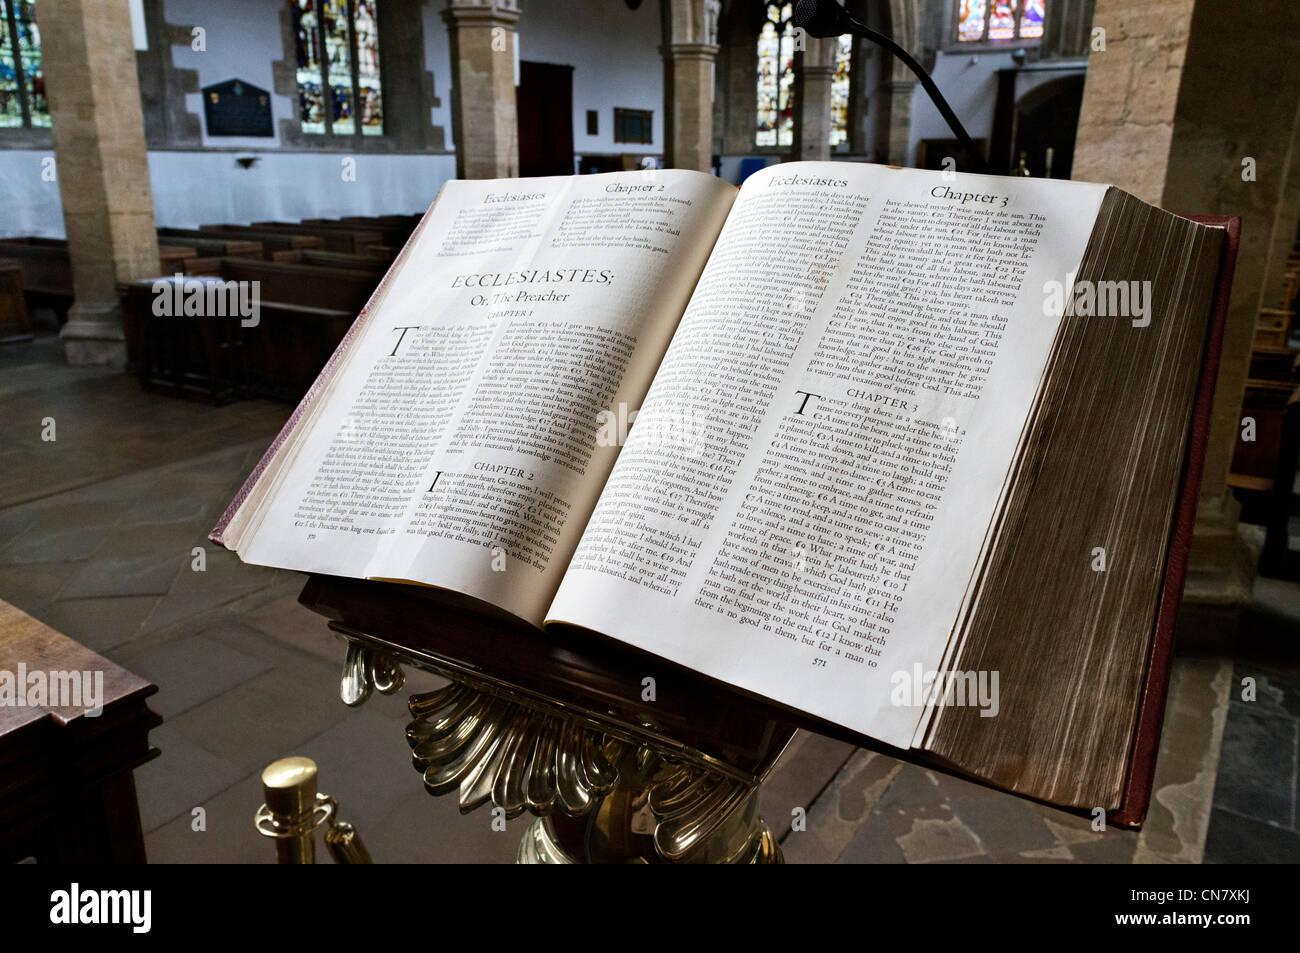 Sainte bible ouverte sur le livre de l'Ecclésiaste, l'église de la Sainte Trinité, Stratford Photo Stock